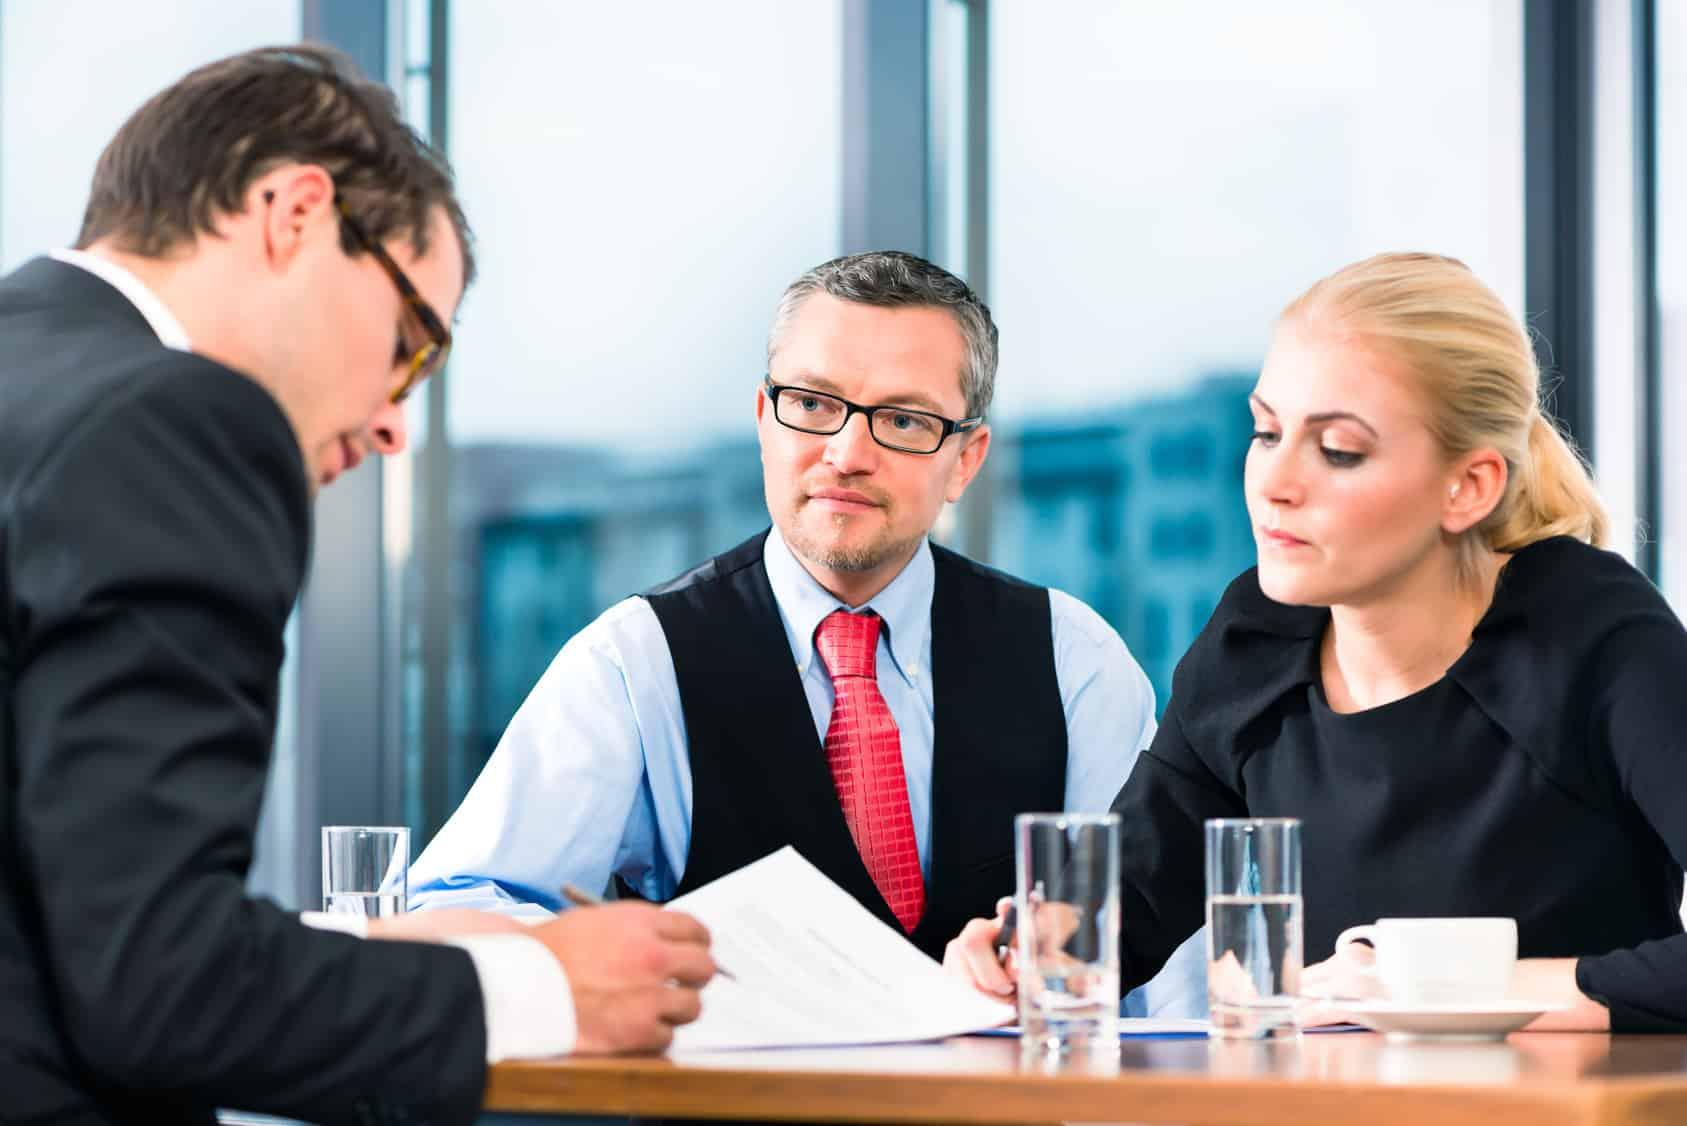 Comment recruter la bonne personne ?